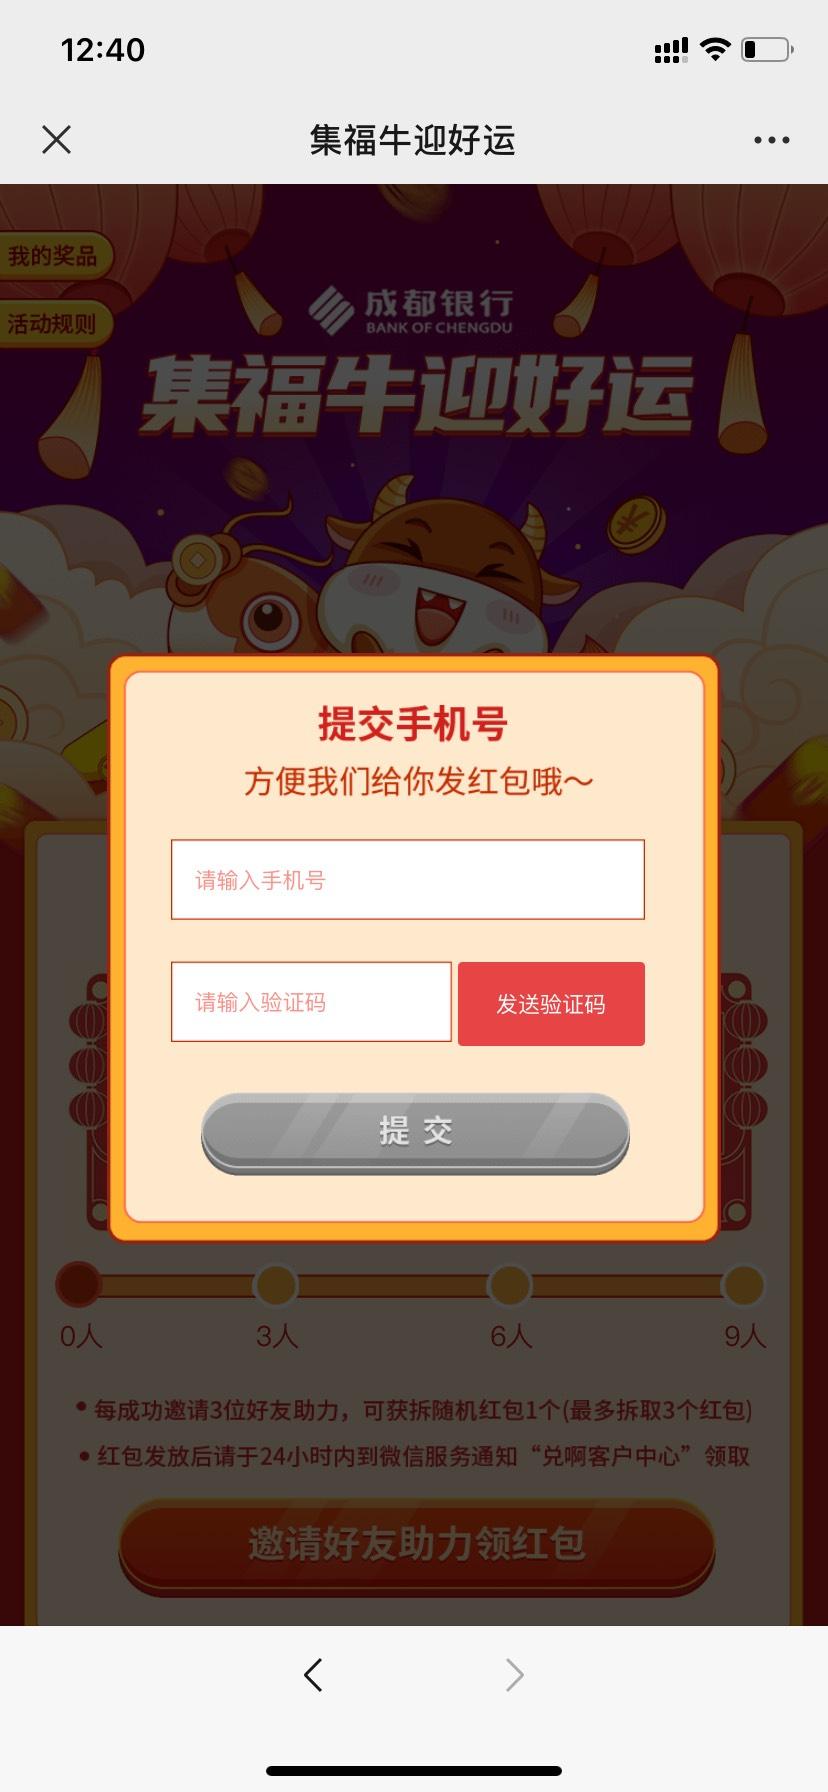 成都银行集福领微信红包插图2